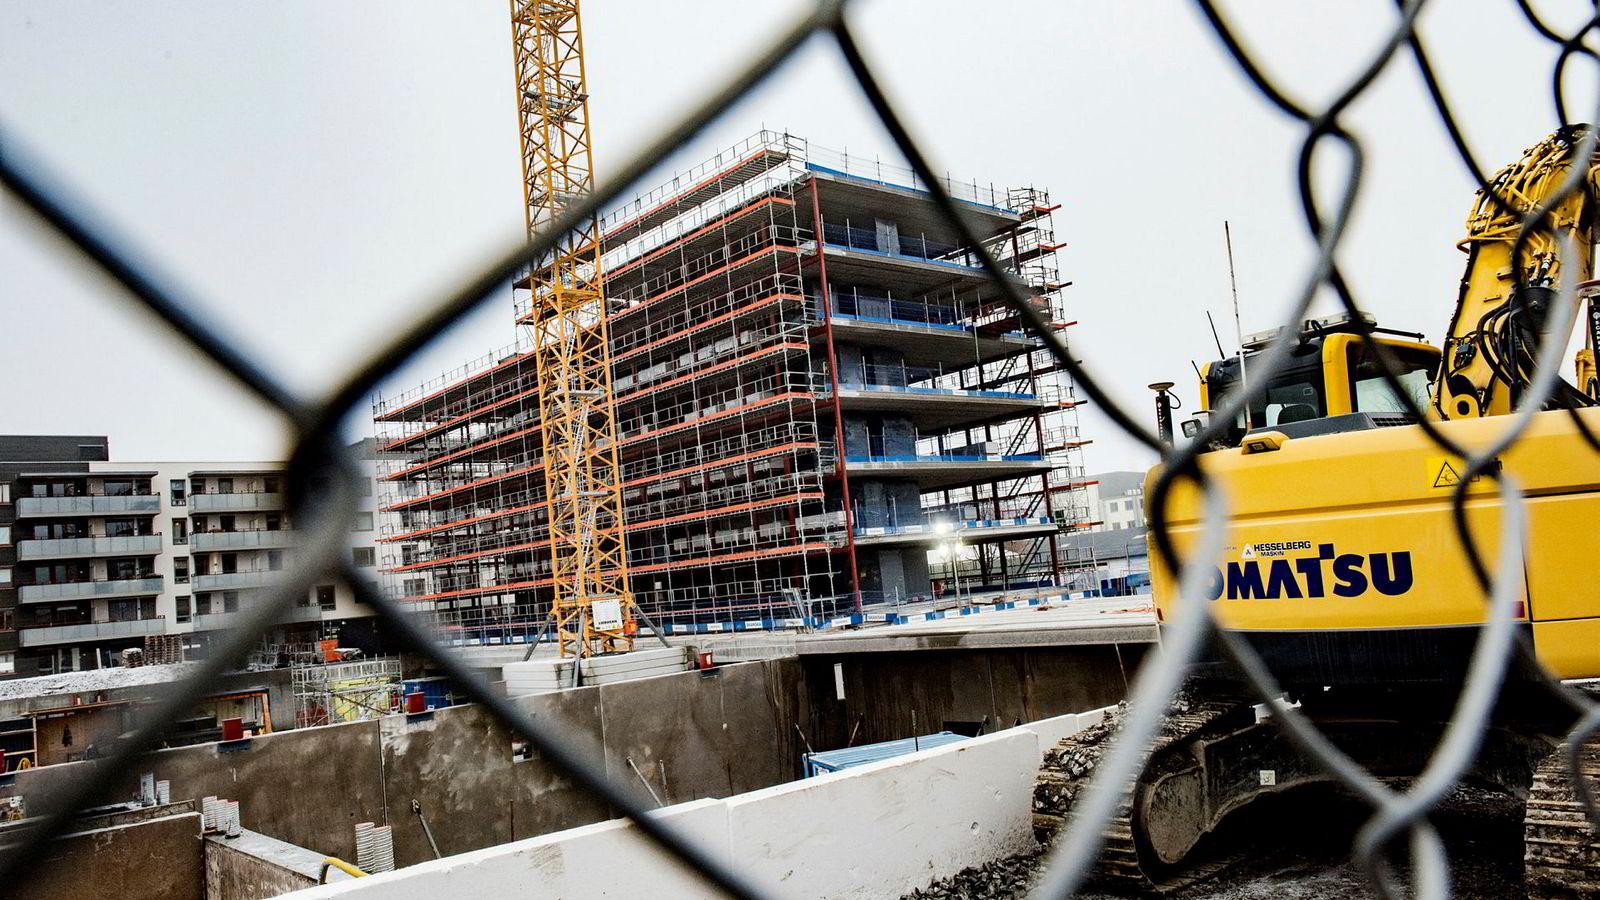 Den vanvittige utviklingen i boligmarkedet de siste årene skyldes en kombinasjon av lave renter og boligunderskudd. Det er ingen god grunn til å tro at problemene først og fremst skyldes spekulanter. Her fra en byggeplass på Løren.